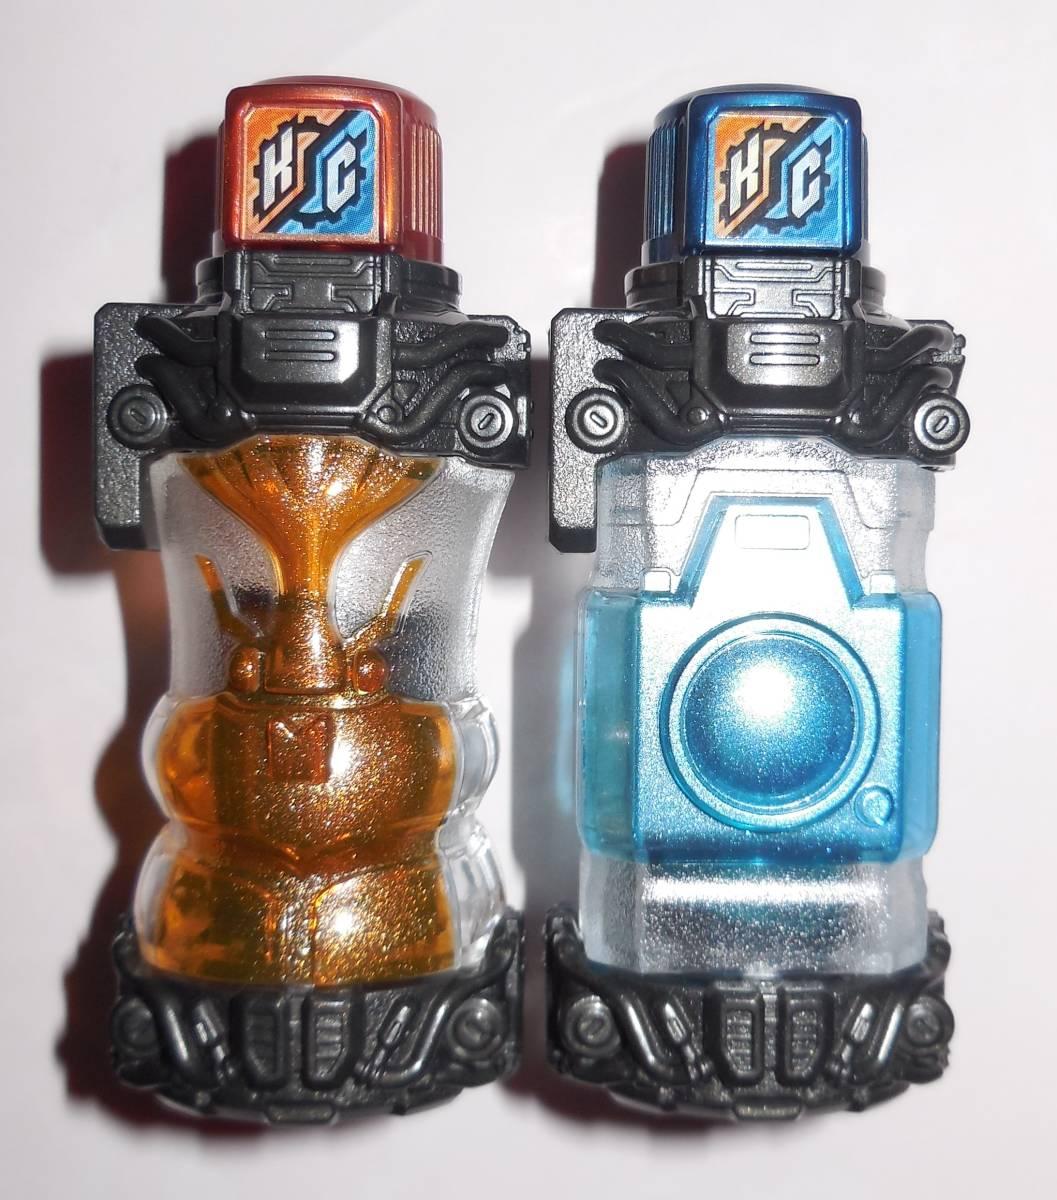 仮面ライダービルド DXビートルカメラフルボトル DXカブトムシフルボトル DXカメラフルボトル